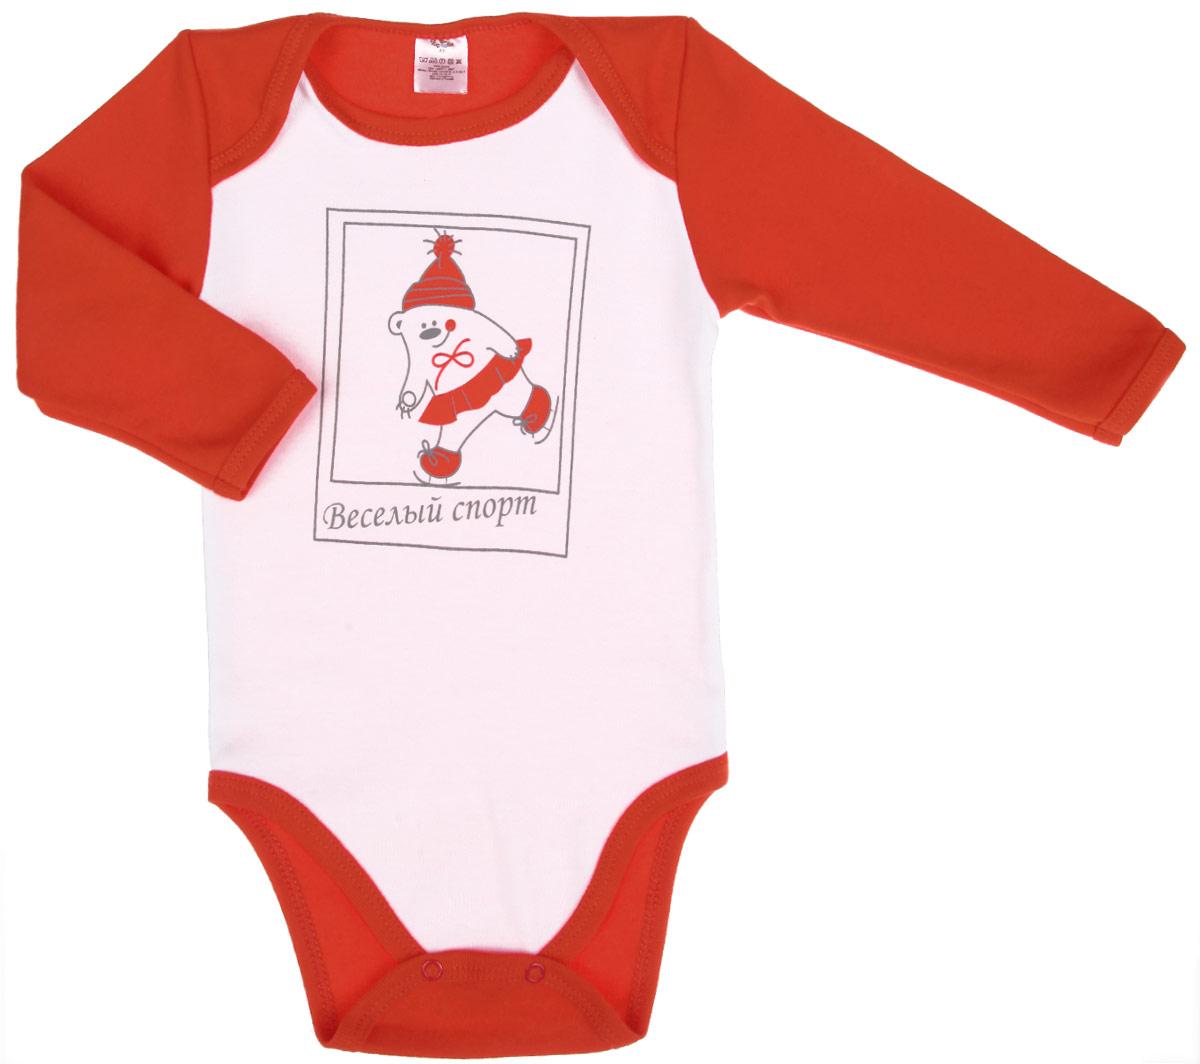 Боди детское Веселый спорт. 9189188Детское боди КотМарКот Веселый спорт послужит идеальным дополнением к гардеробу ребенка, обеспечивая ему наибольший комфорт. Изготовленное из натурального хлопка - интерлока, оно необычайно мягкое и легкое, не раздражает нежную кожу ребенка и хорошо вентилируется, а швы, выполненные наружу, приятны телу младенца и не препятствуют его движениям. Боди с круглым вырезом горловины и длинными рукавами имеет запахи на плечах и удобные застежки-кнопки на ластовице, что позволяет легко переодеть младенца или сменить подгузник. Спереди модель оформлена оригинальным принтом. Боди полностью соответствует особенностям жизни малютки в ранний период, не стесняя и не ограничивая его в движениях. В нем ребенку будет уютно и комфортно. УВАЖАЕМЫЕ КЛИЕНТЫ! Обращаем ваше внимание на тот факт, что для самых маленьких размеров швы изделия выполнены наружу.